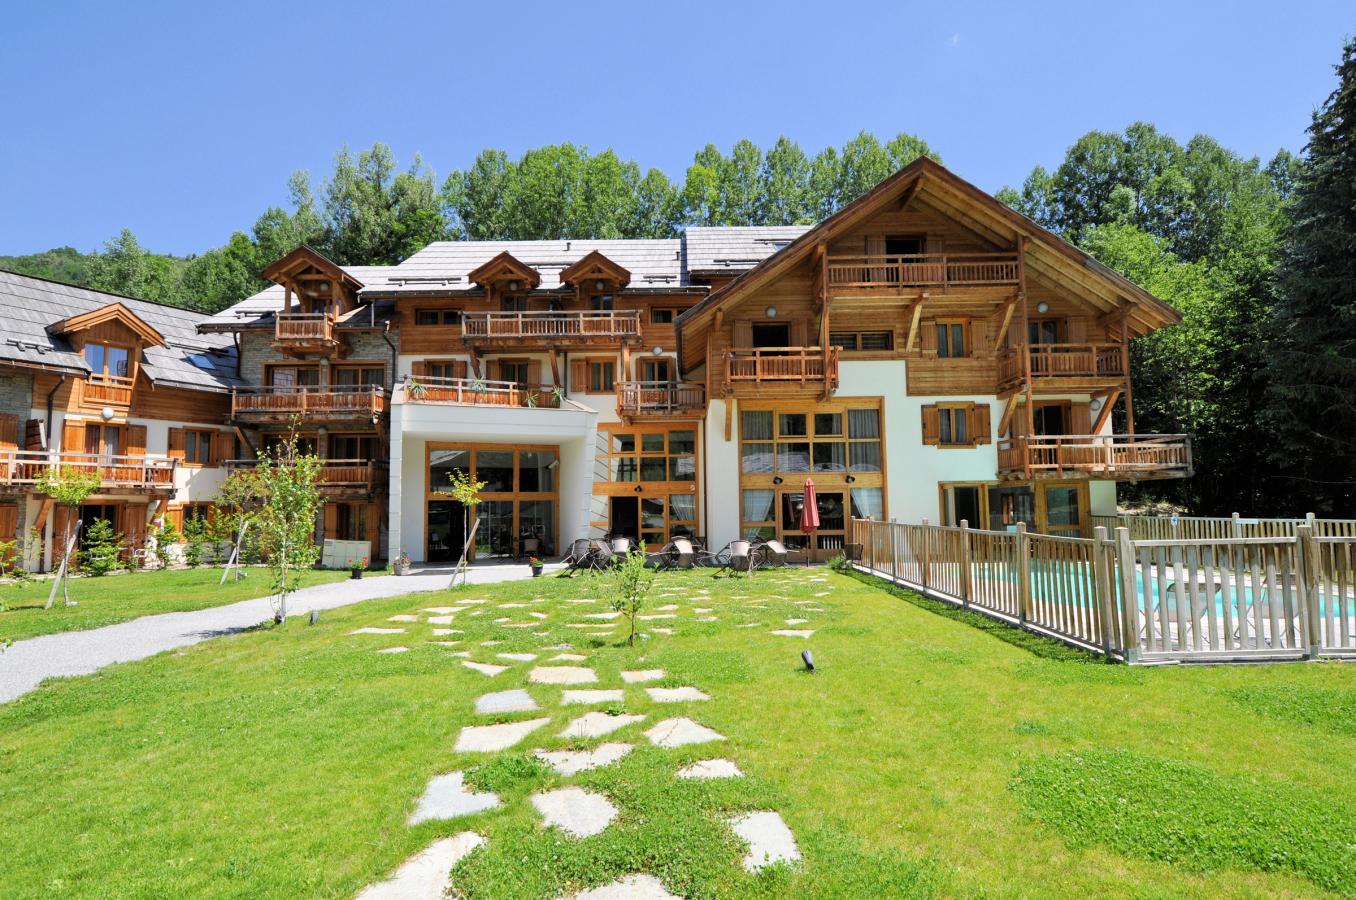 R sidence l 39 adret partir de 335 location vacances montagne serre chevalier - Residence de luxe montagne locati ...